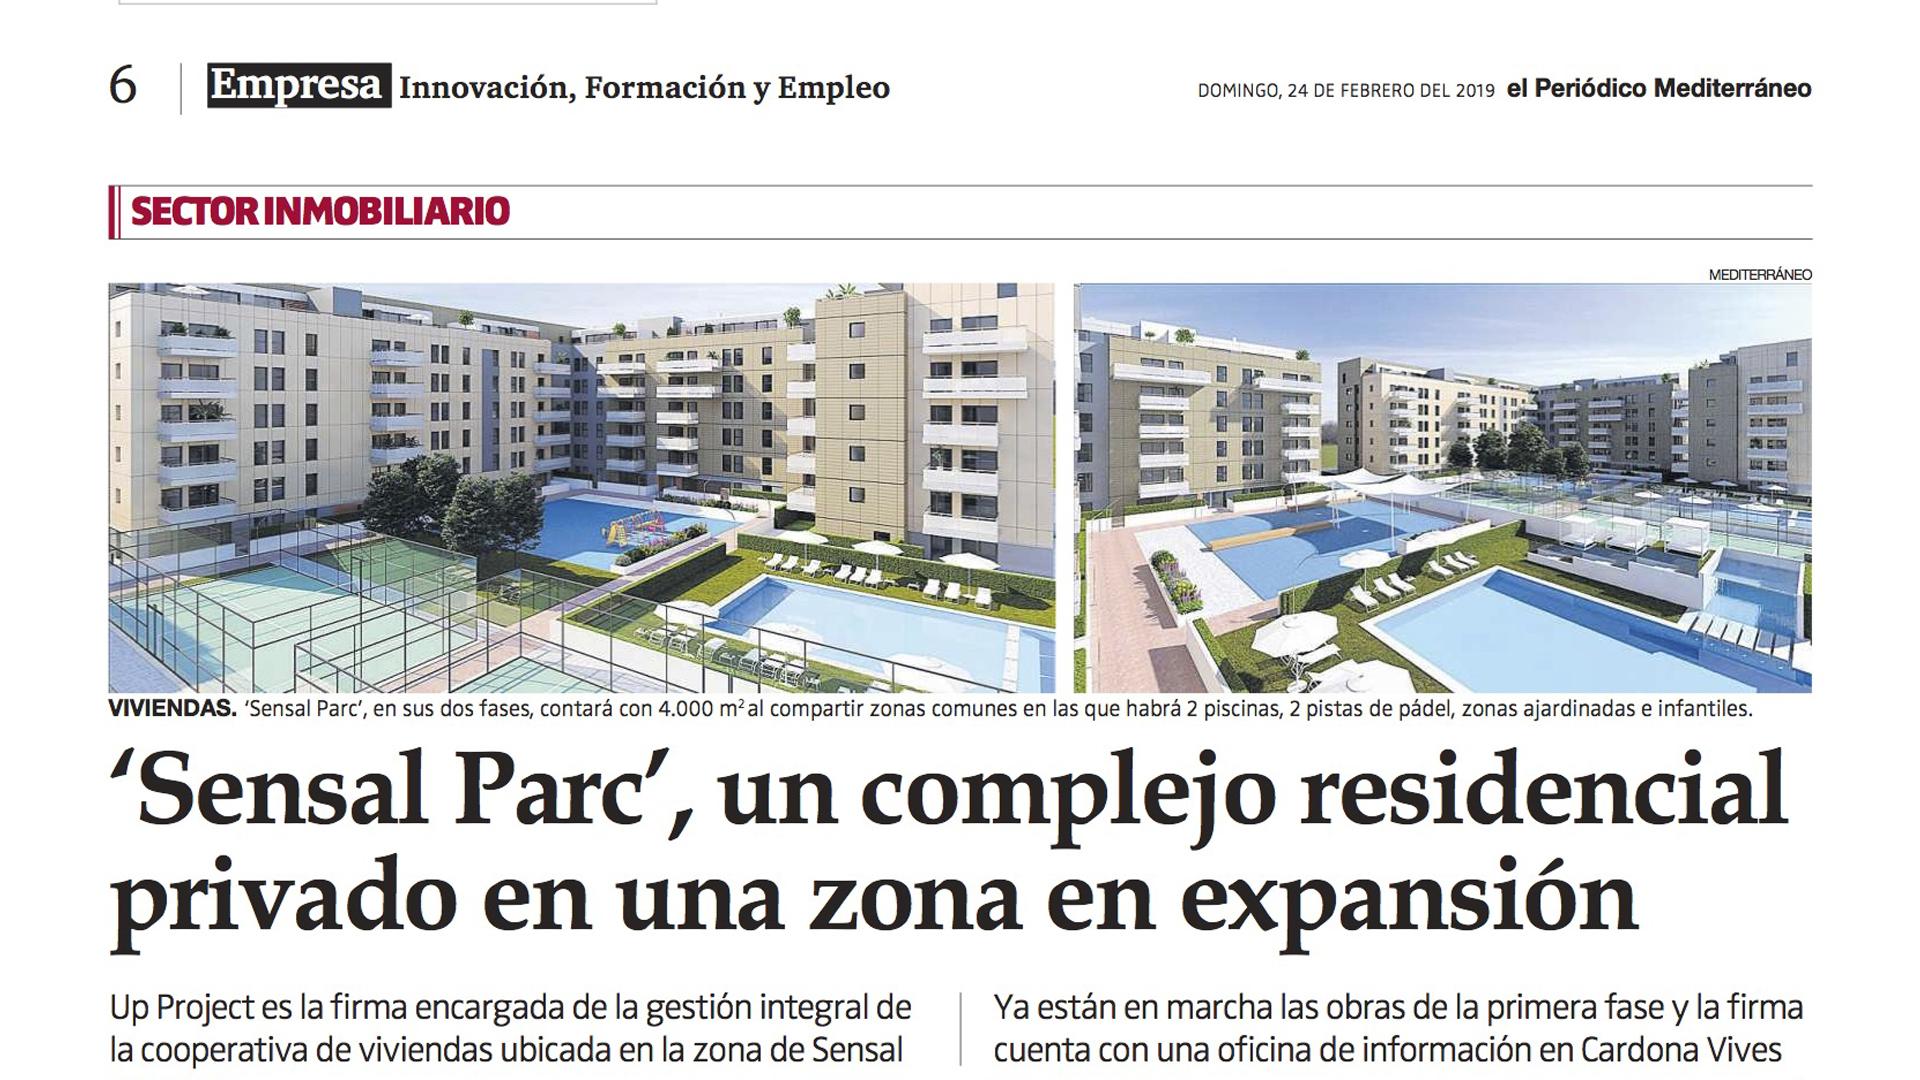 'Sensal Parc', un complejo residencial privado en una zona en expansión